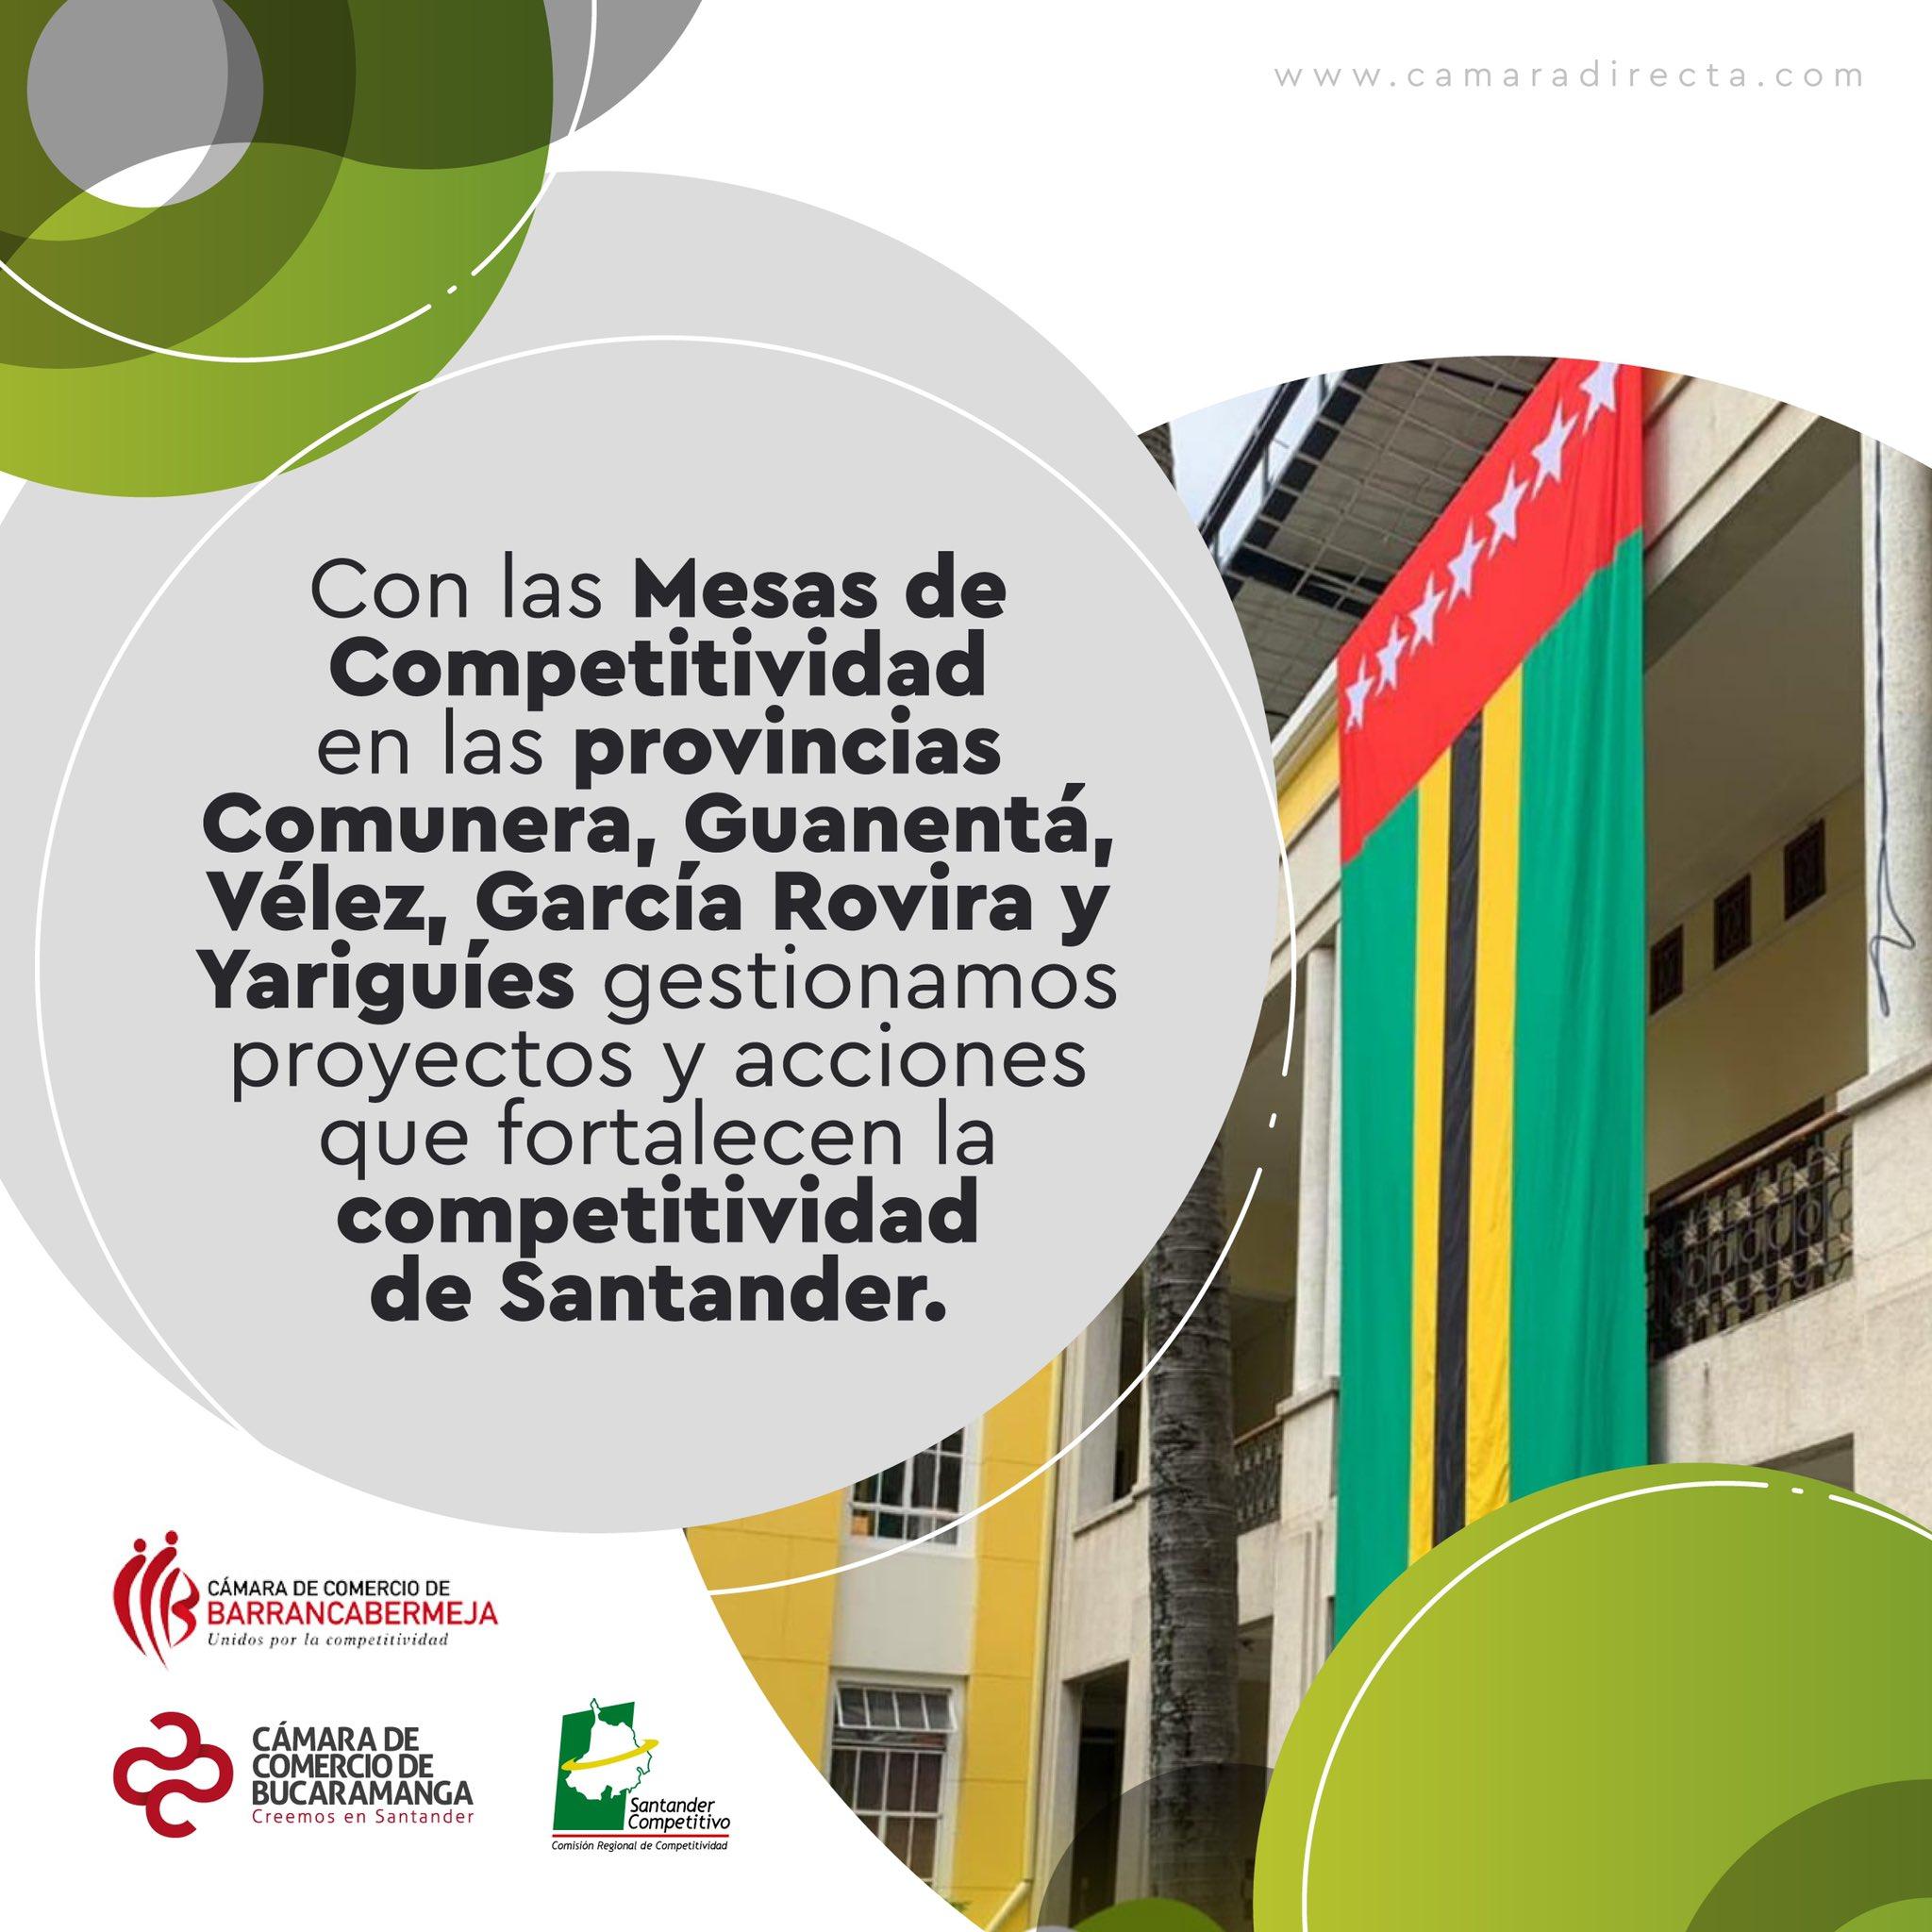 La Cámara de Comercio de Bucaramanga promueve la reactivación de las provincias con Mesas de Competitividad